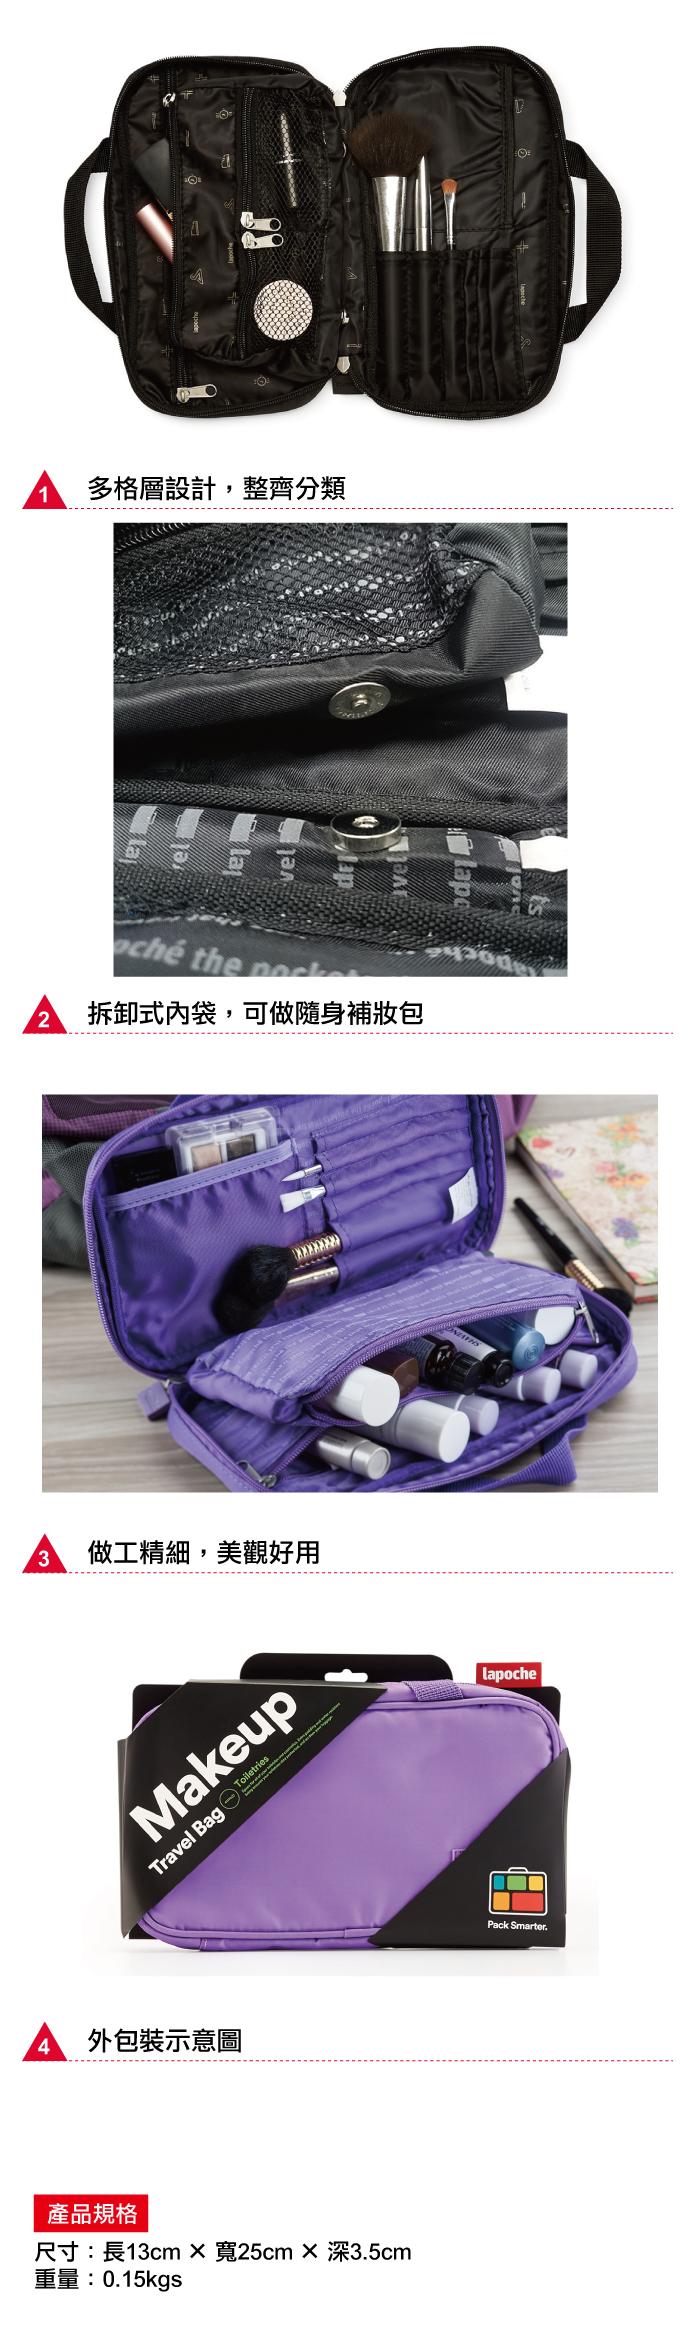 Lapoché|旅行化妝包-紅